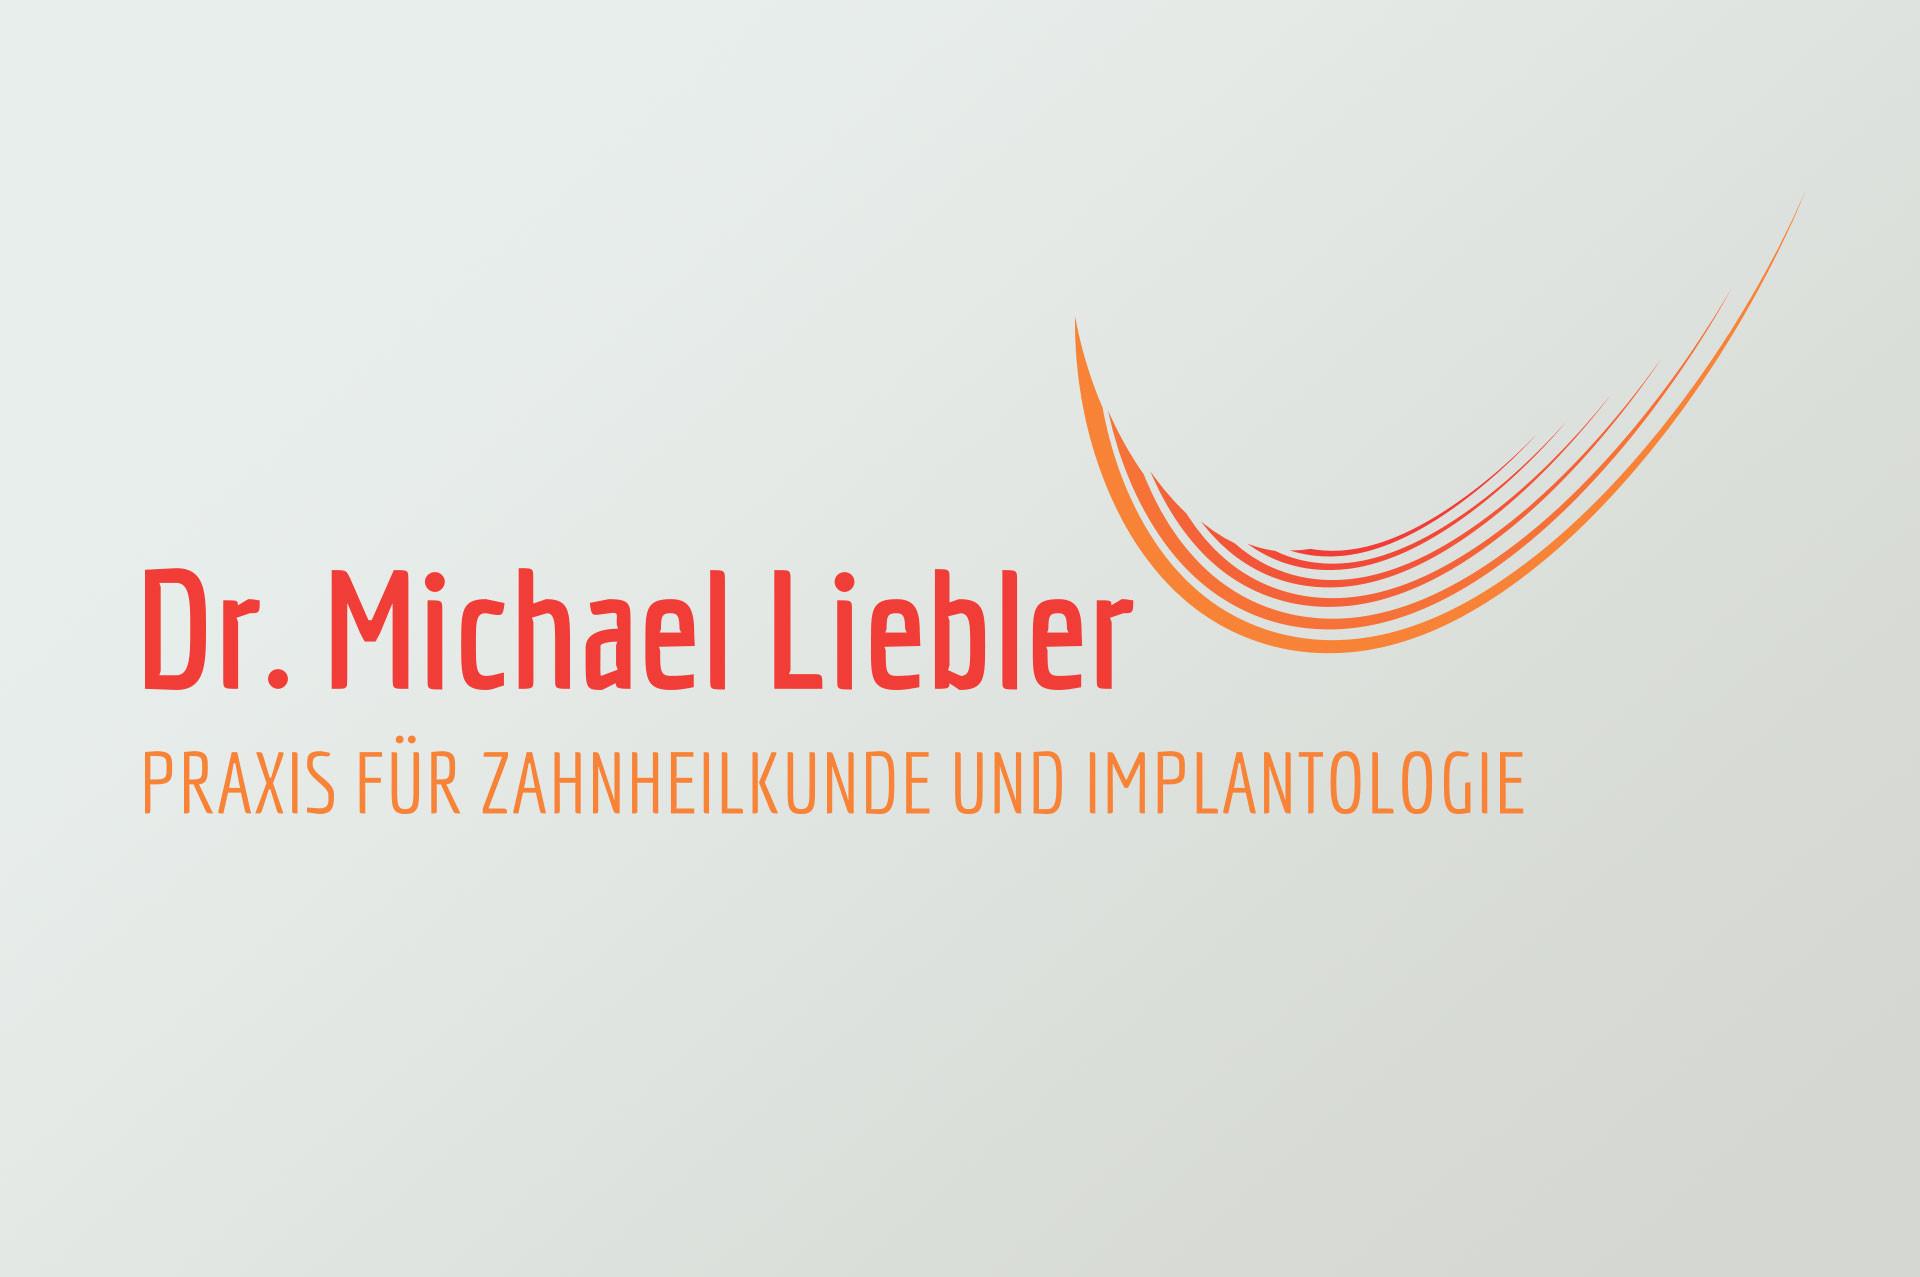 Zahnarzt_Liebler_01.jpg